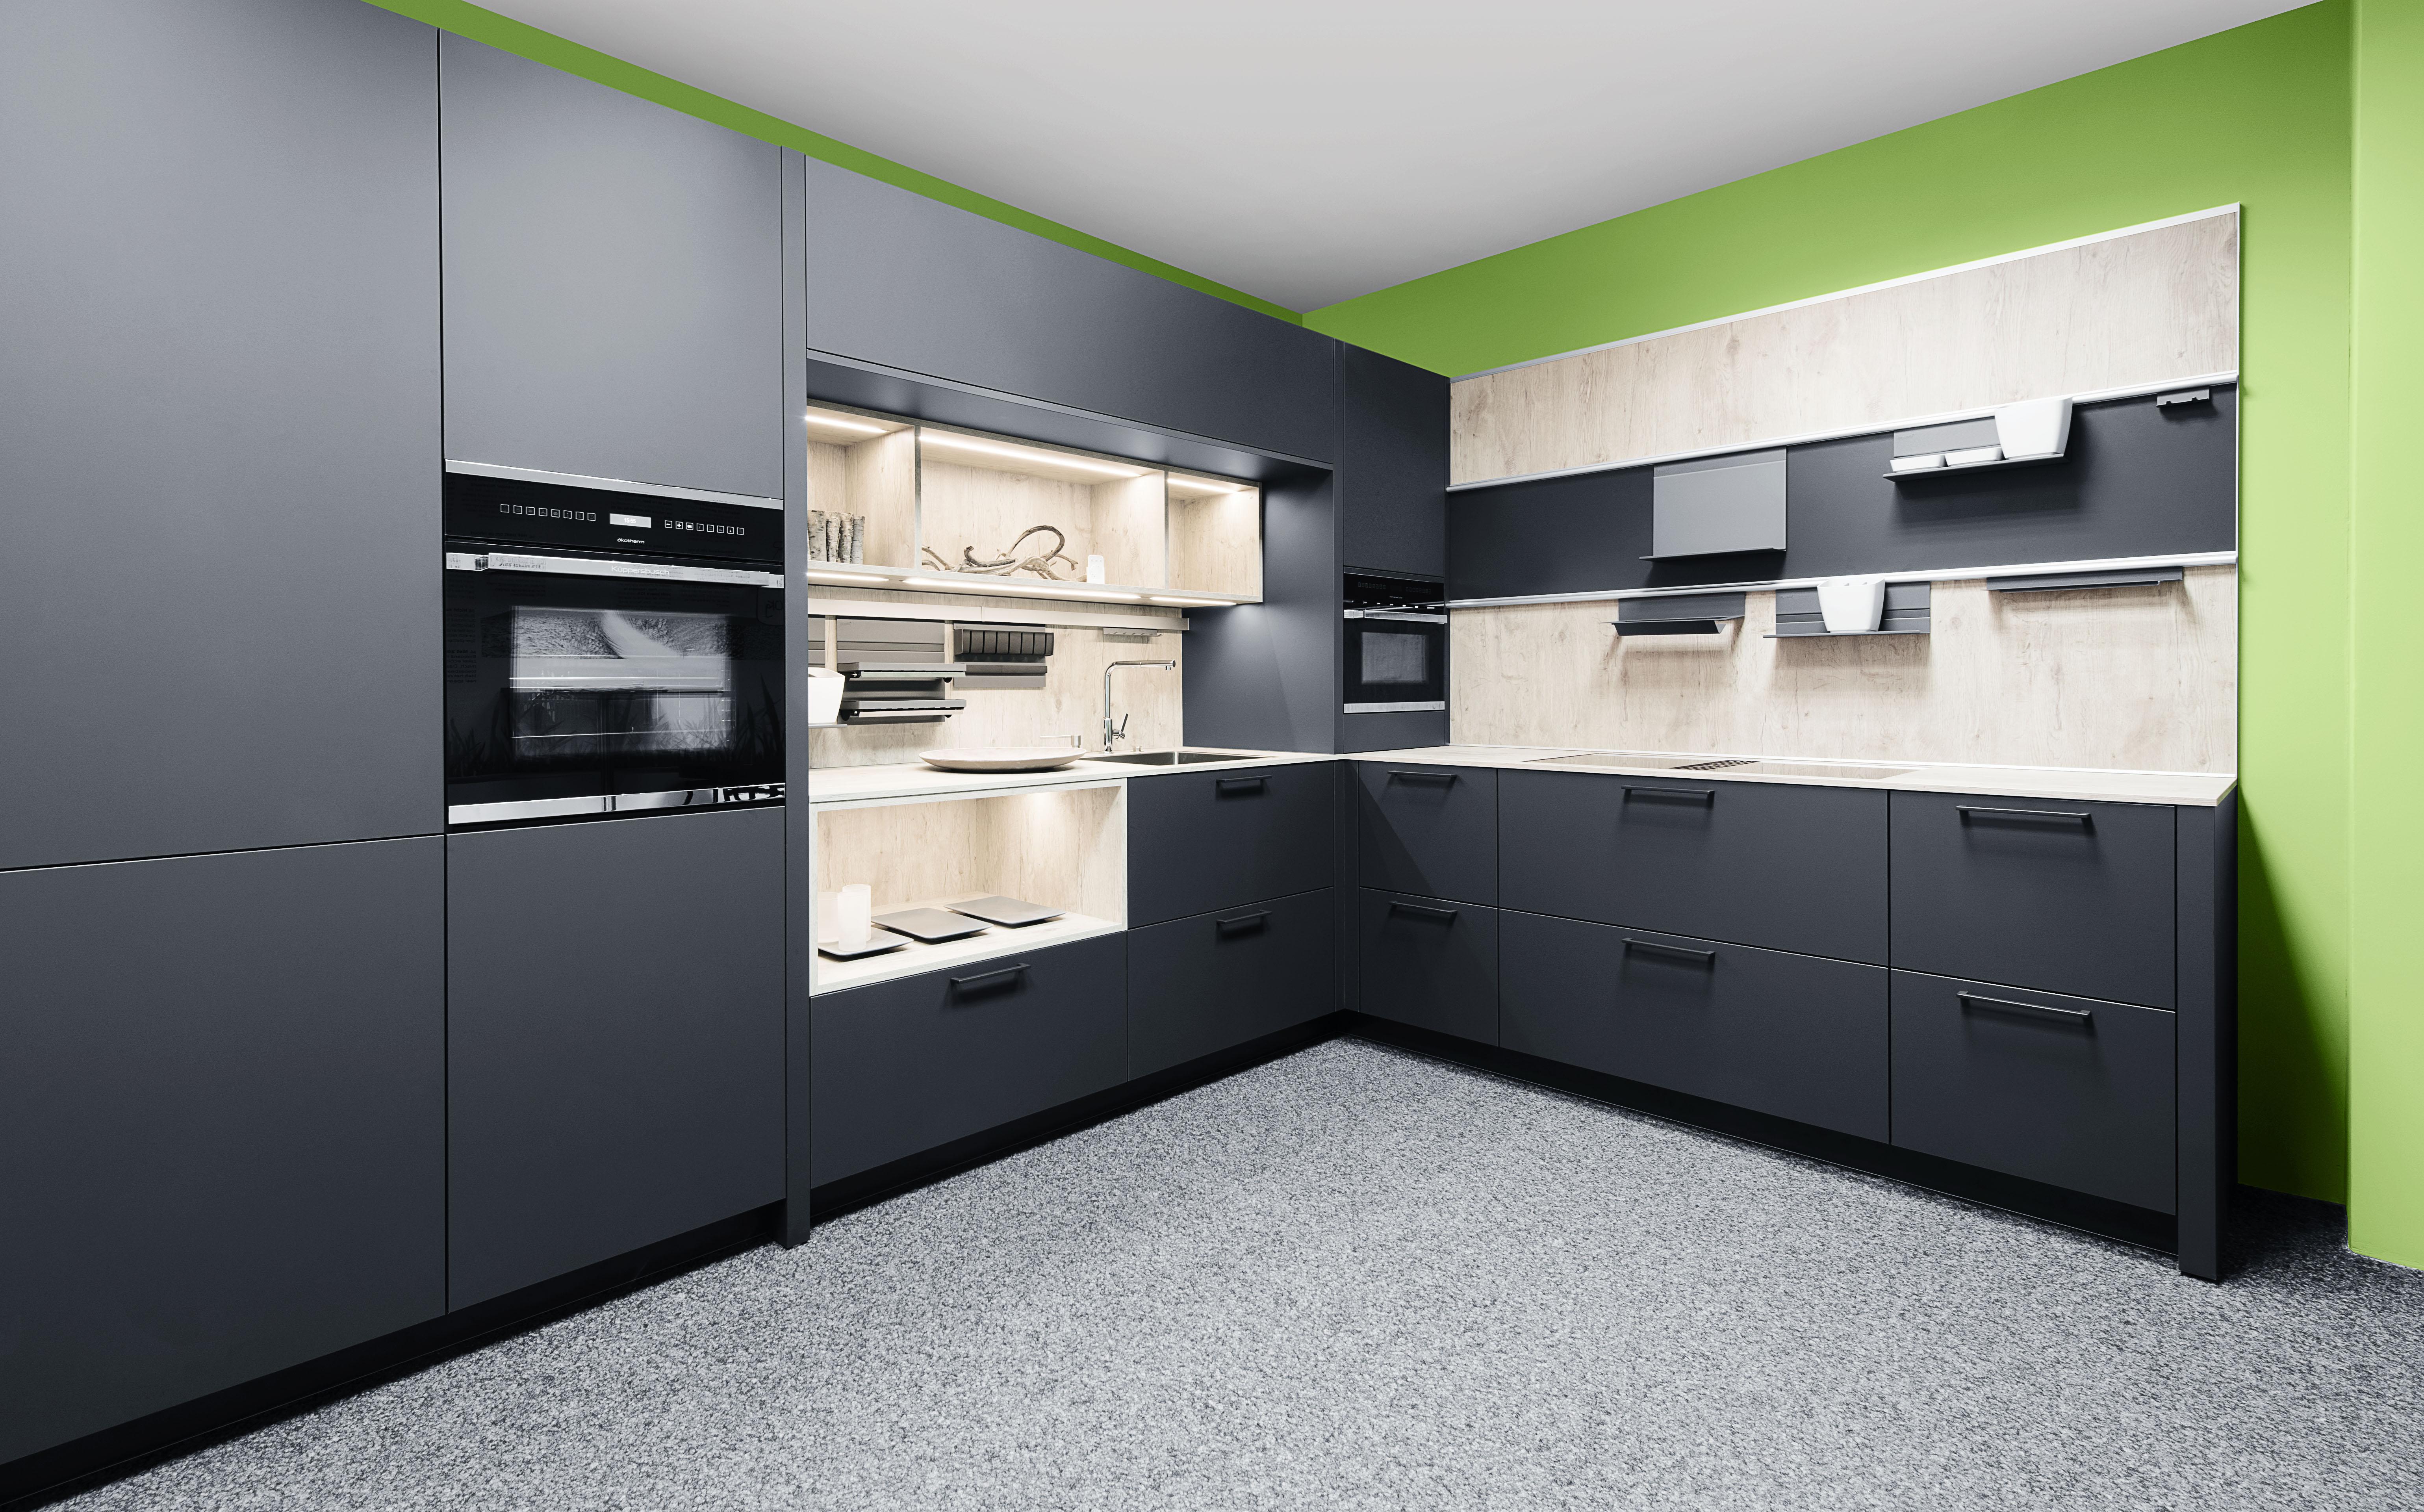 Hagro Keukens Rotpunkt : Keukens inspiratie av keukens